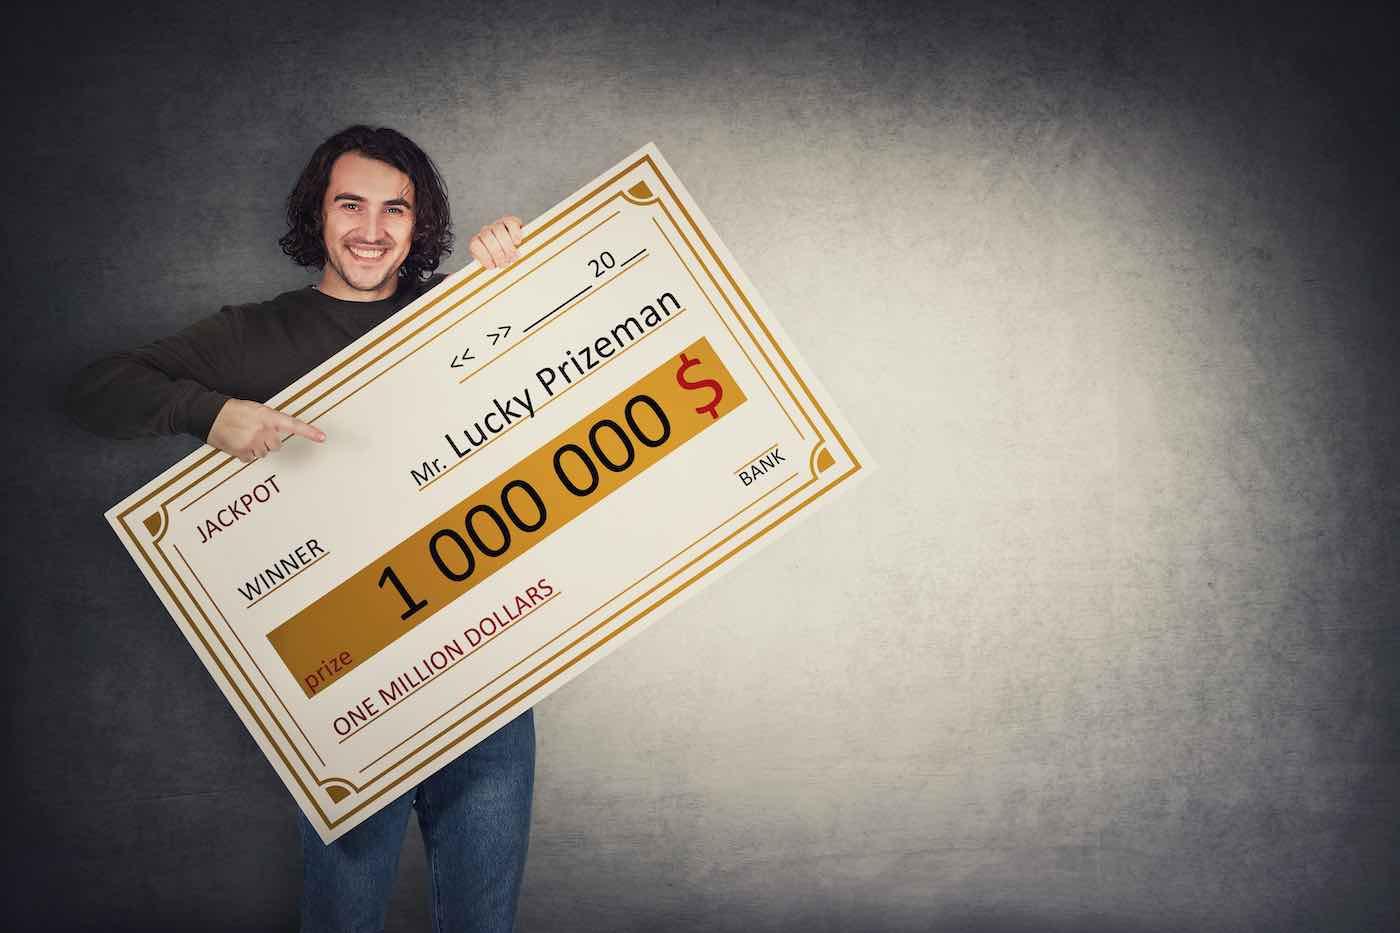 22 ganadores de millones en la lotería y los cuales perdieron ¡absolutamente todo!